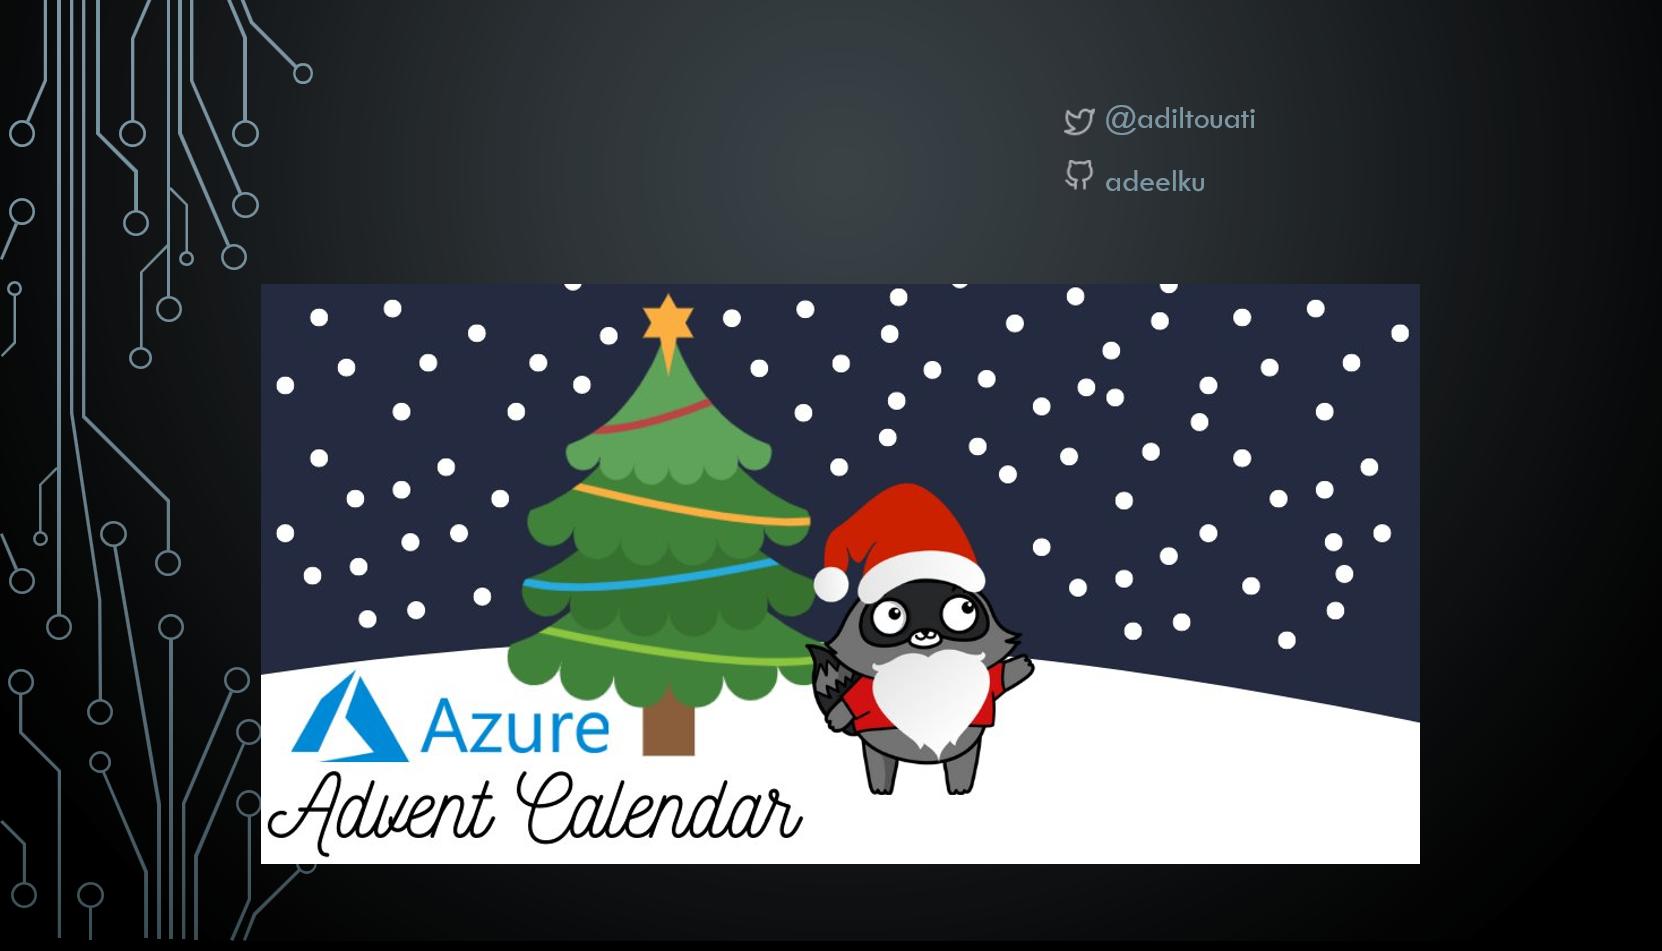 Azure Advent Calendar